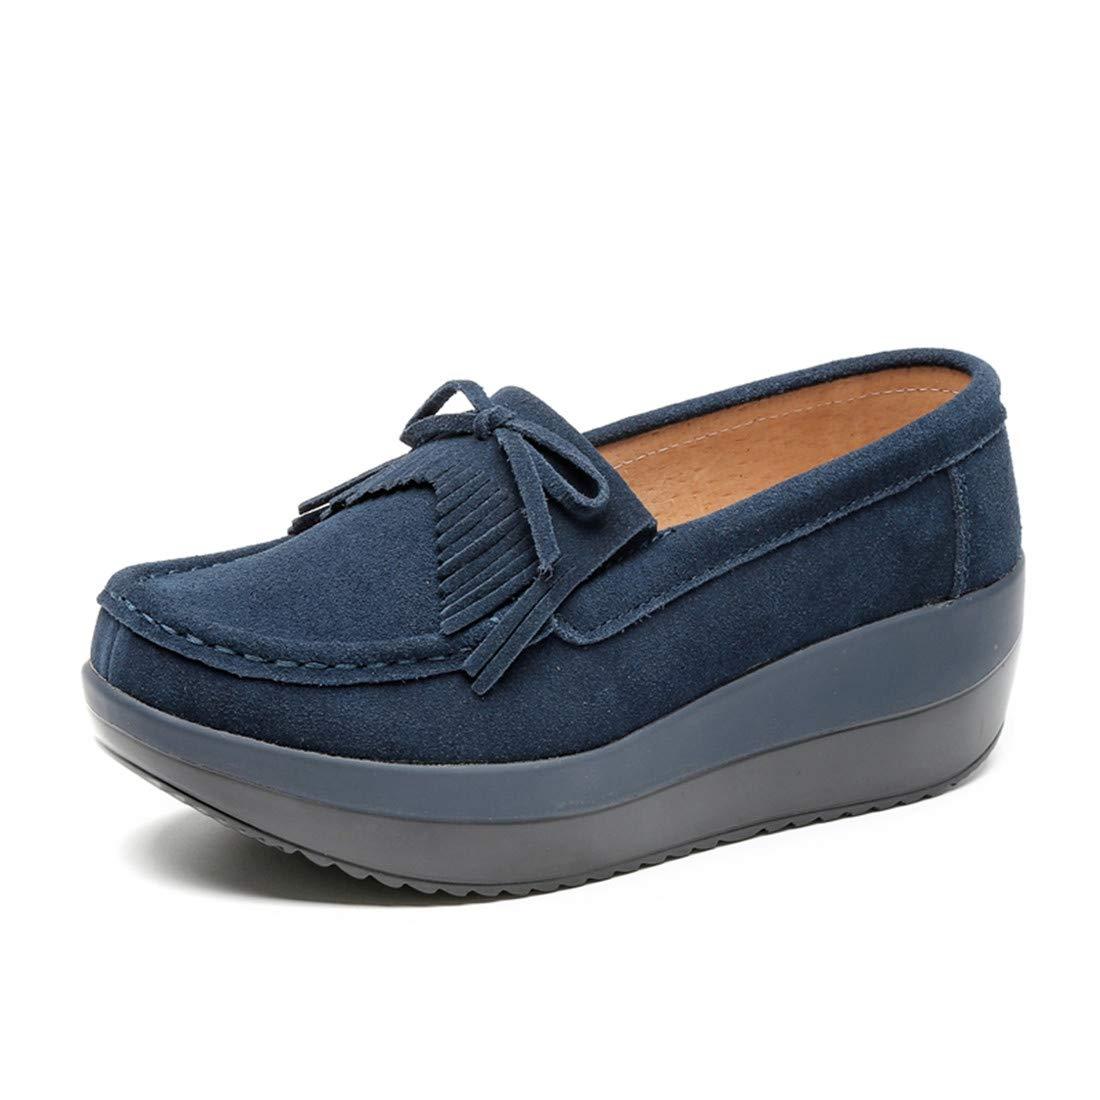 Julitia 2019 Spring Women Flats Shoes Platform Slip On Flat Moccasins Loafers 10 M US